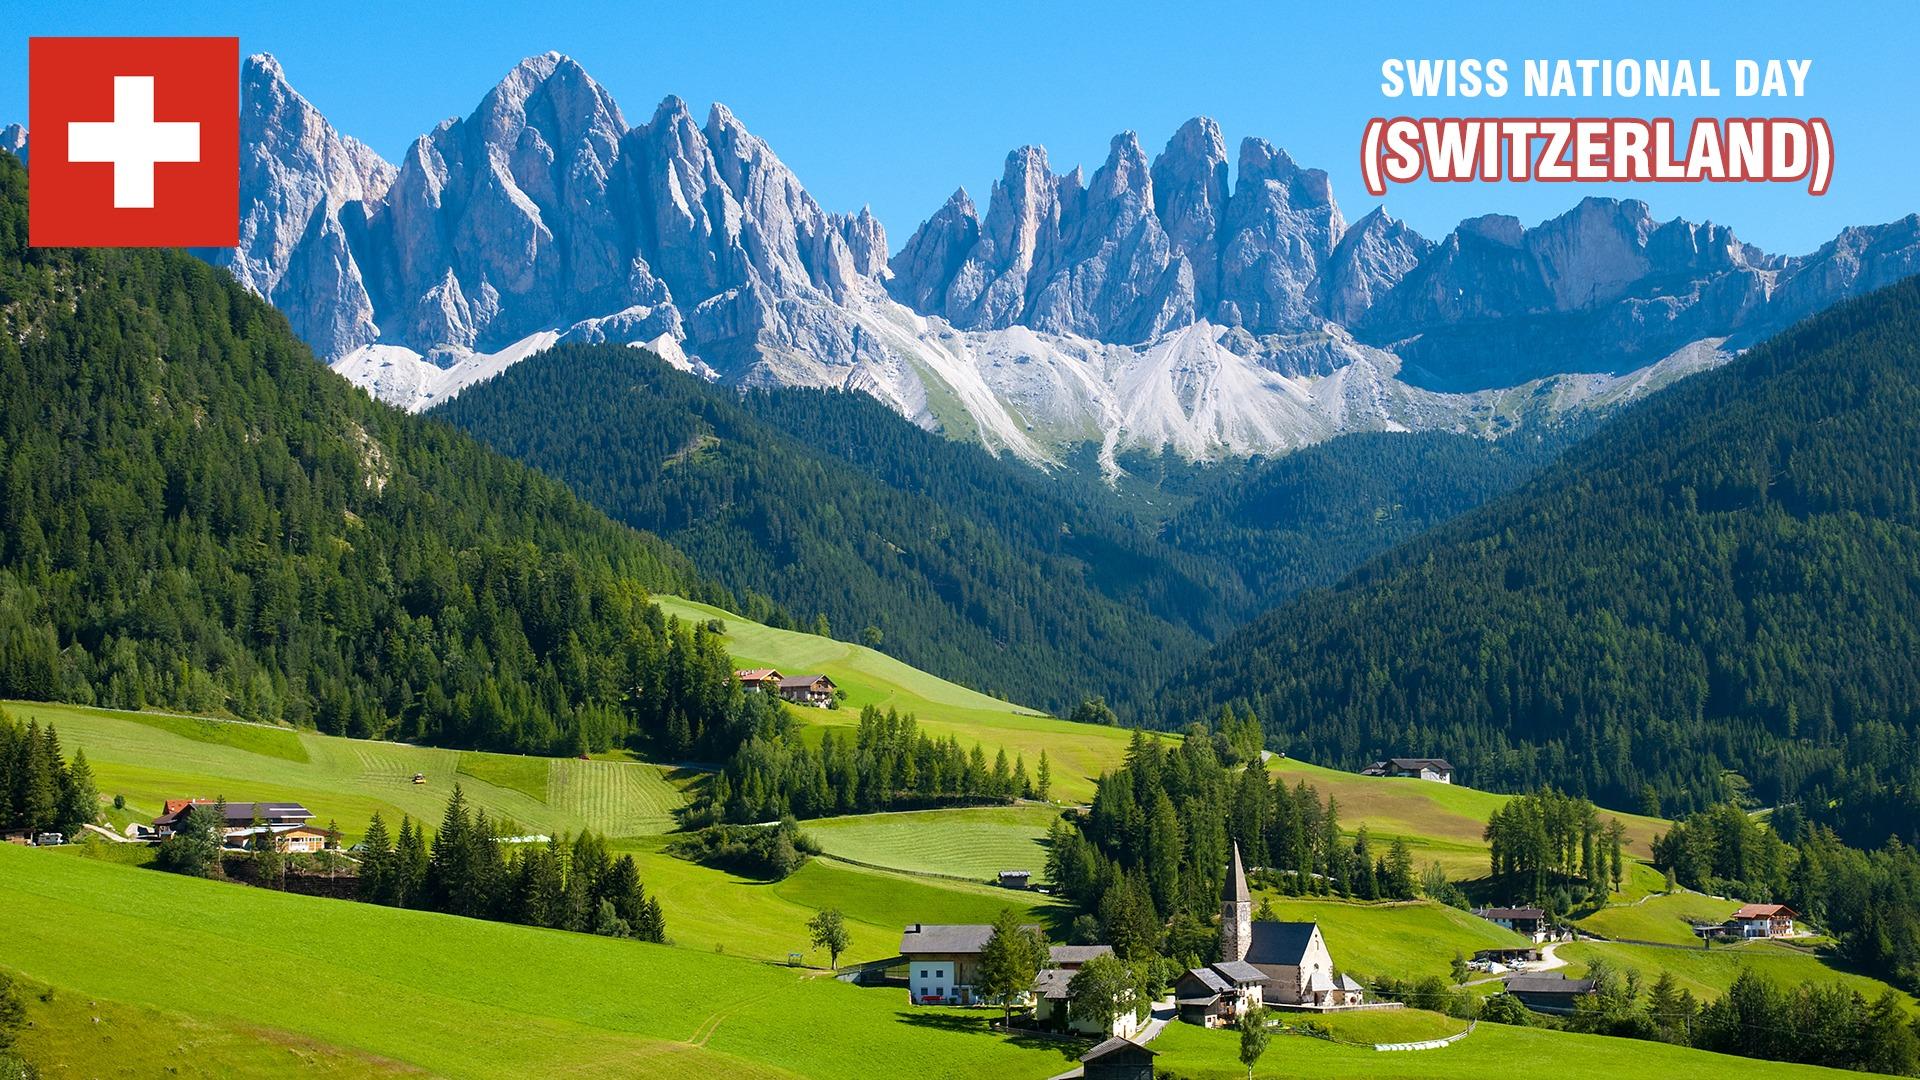 Các địa danh du lịch nổi tiếng tại Thụy Sỹ